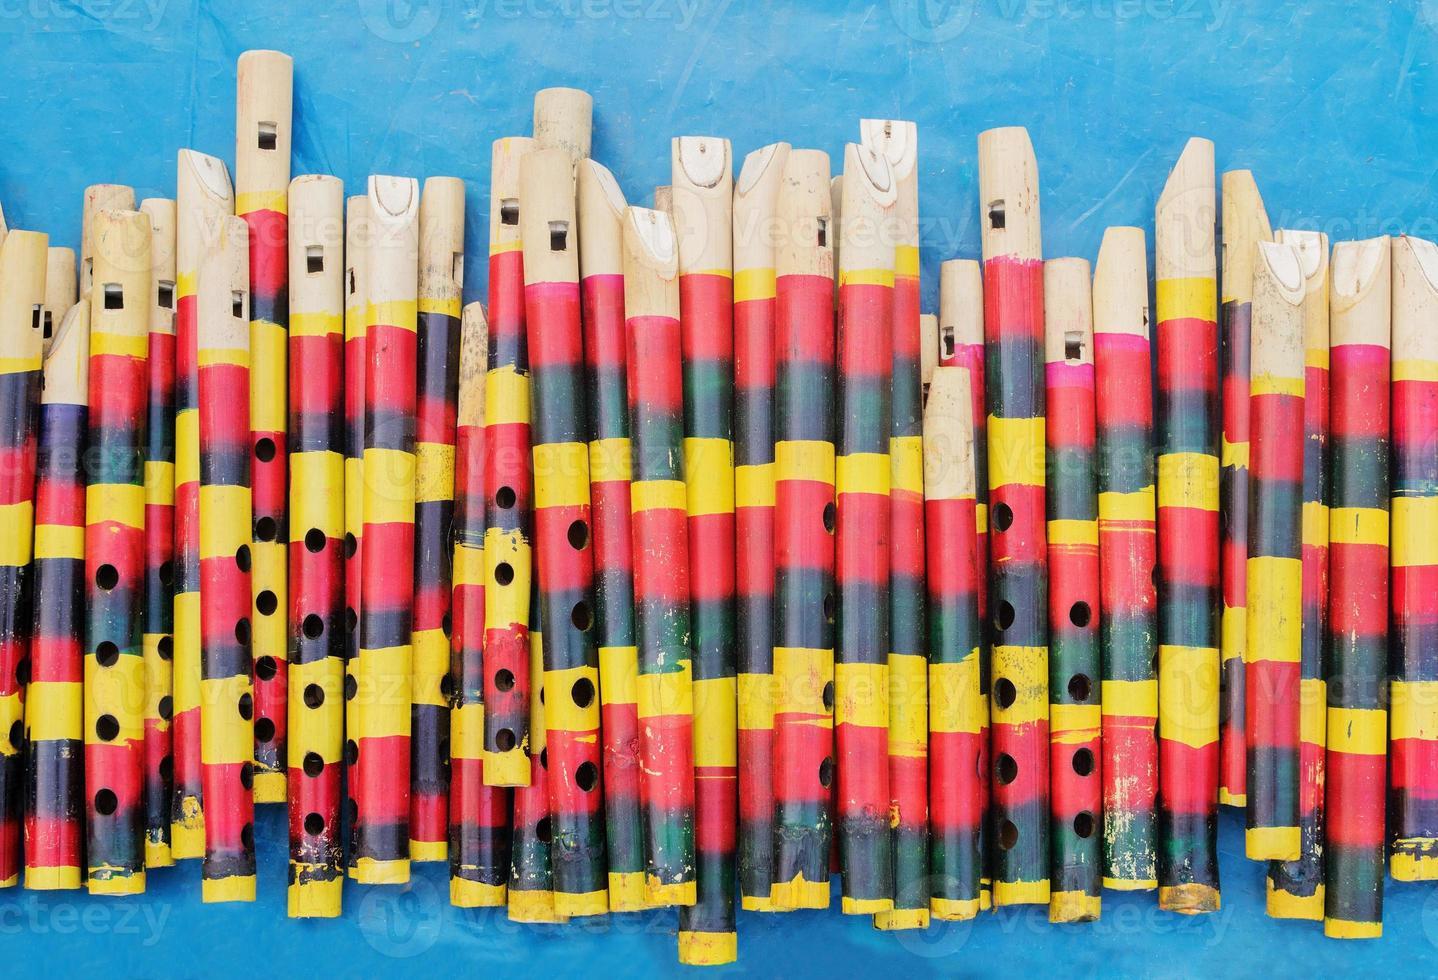 flautas de bambu, feira de artesanato indiano em kolkata foto